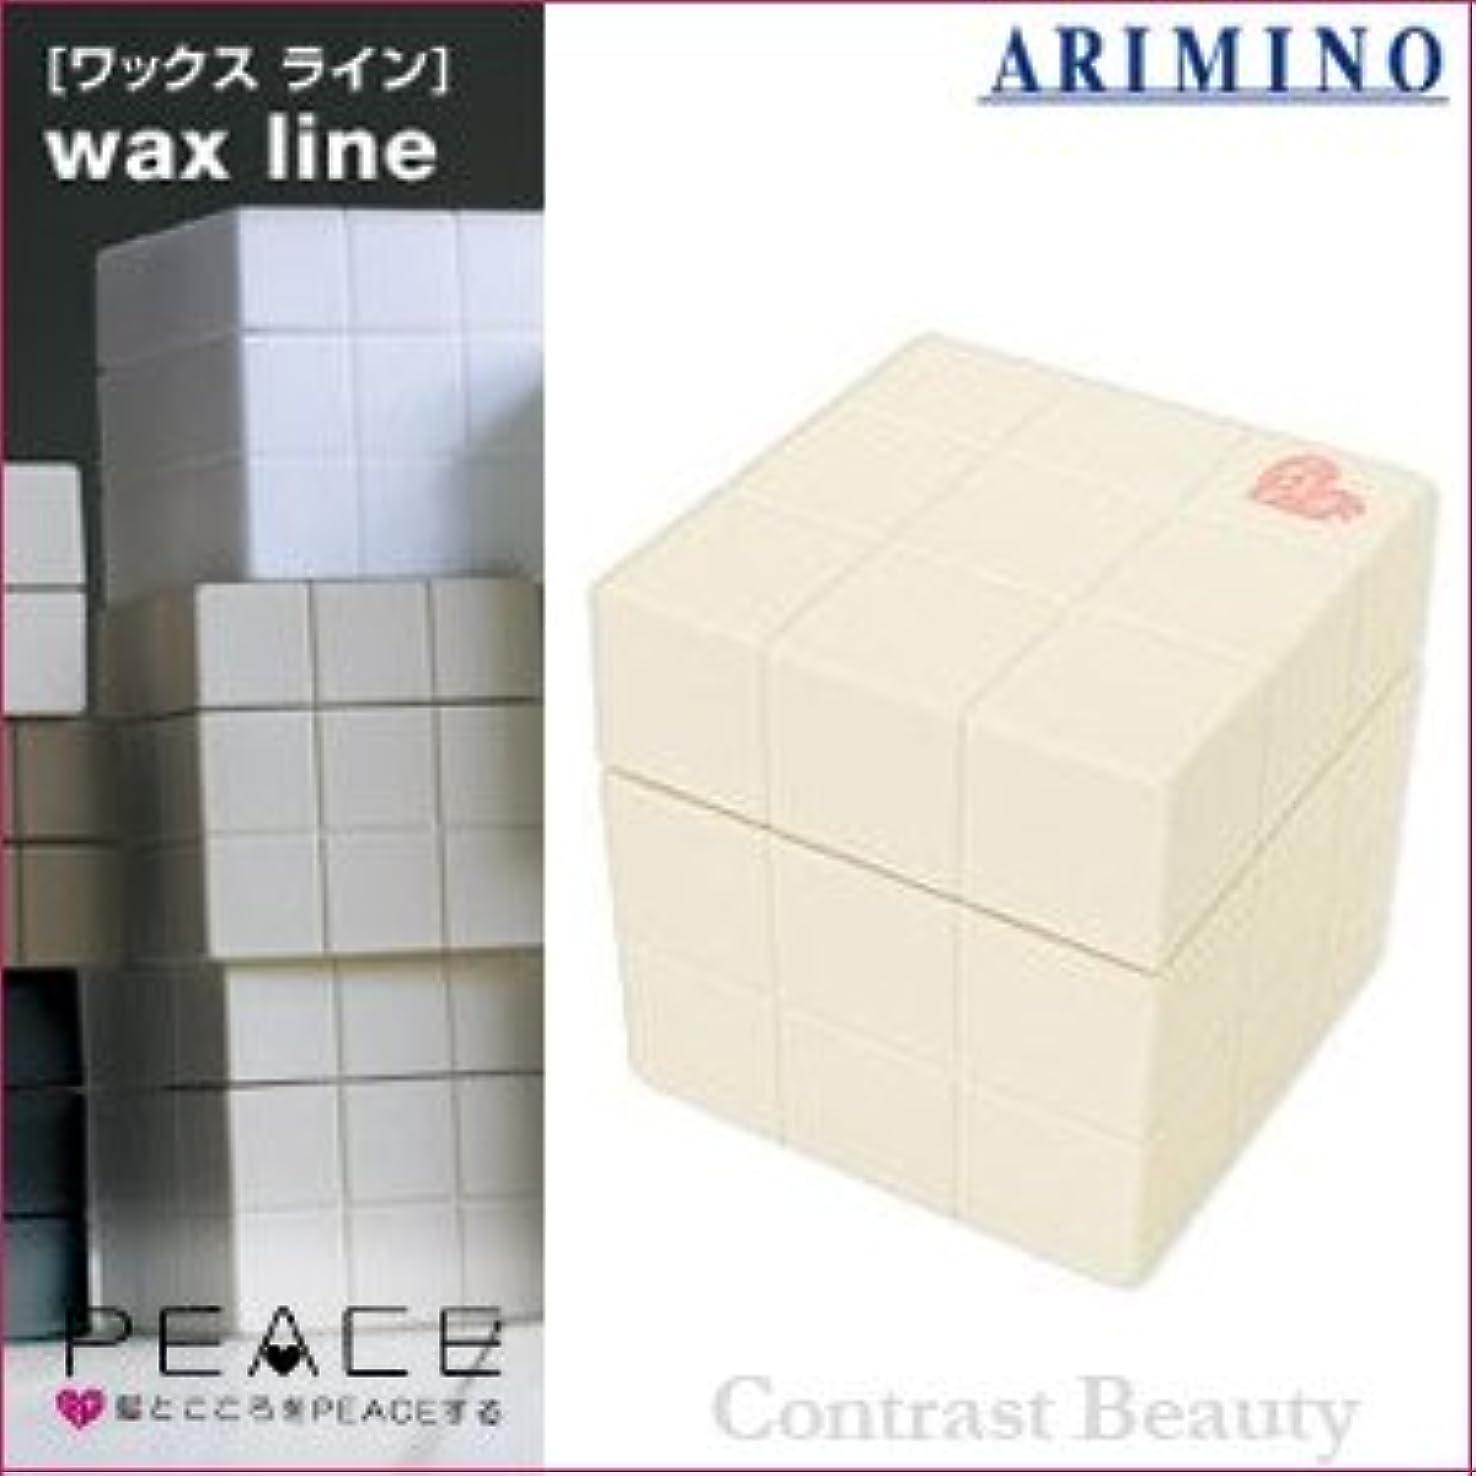 長さ望ましい記念【x2個セット】 アリミノ ピース プロデザインシリーズ ニュアンスワックス バニラ 80g